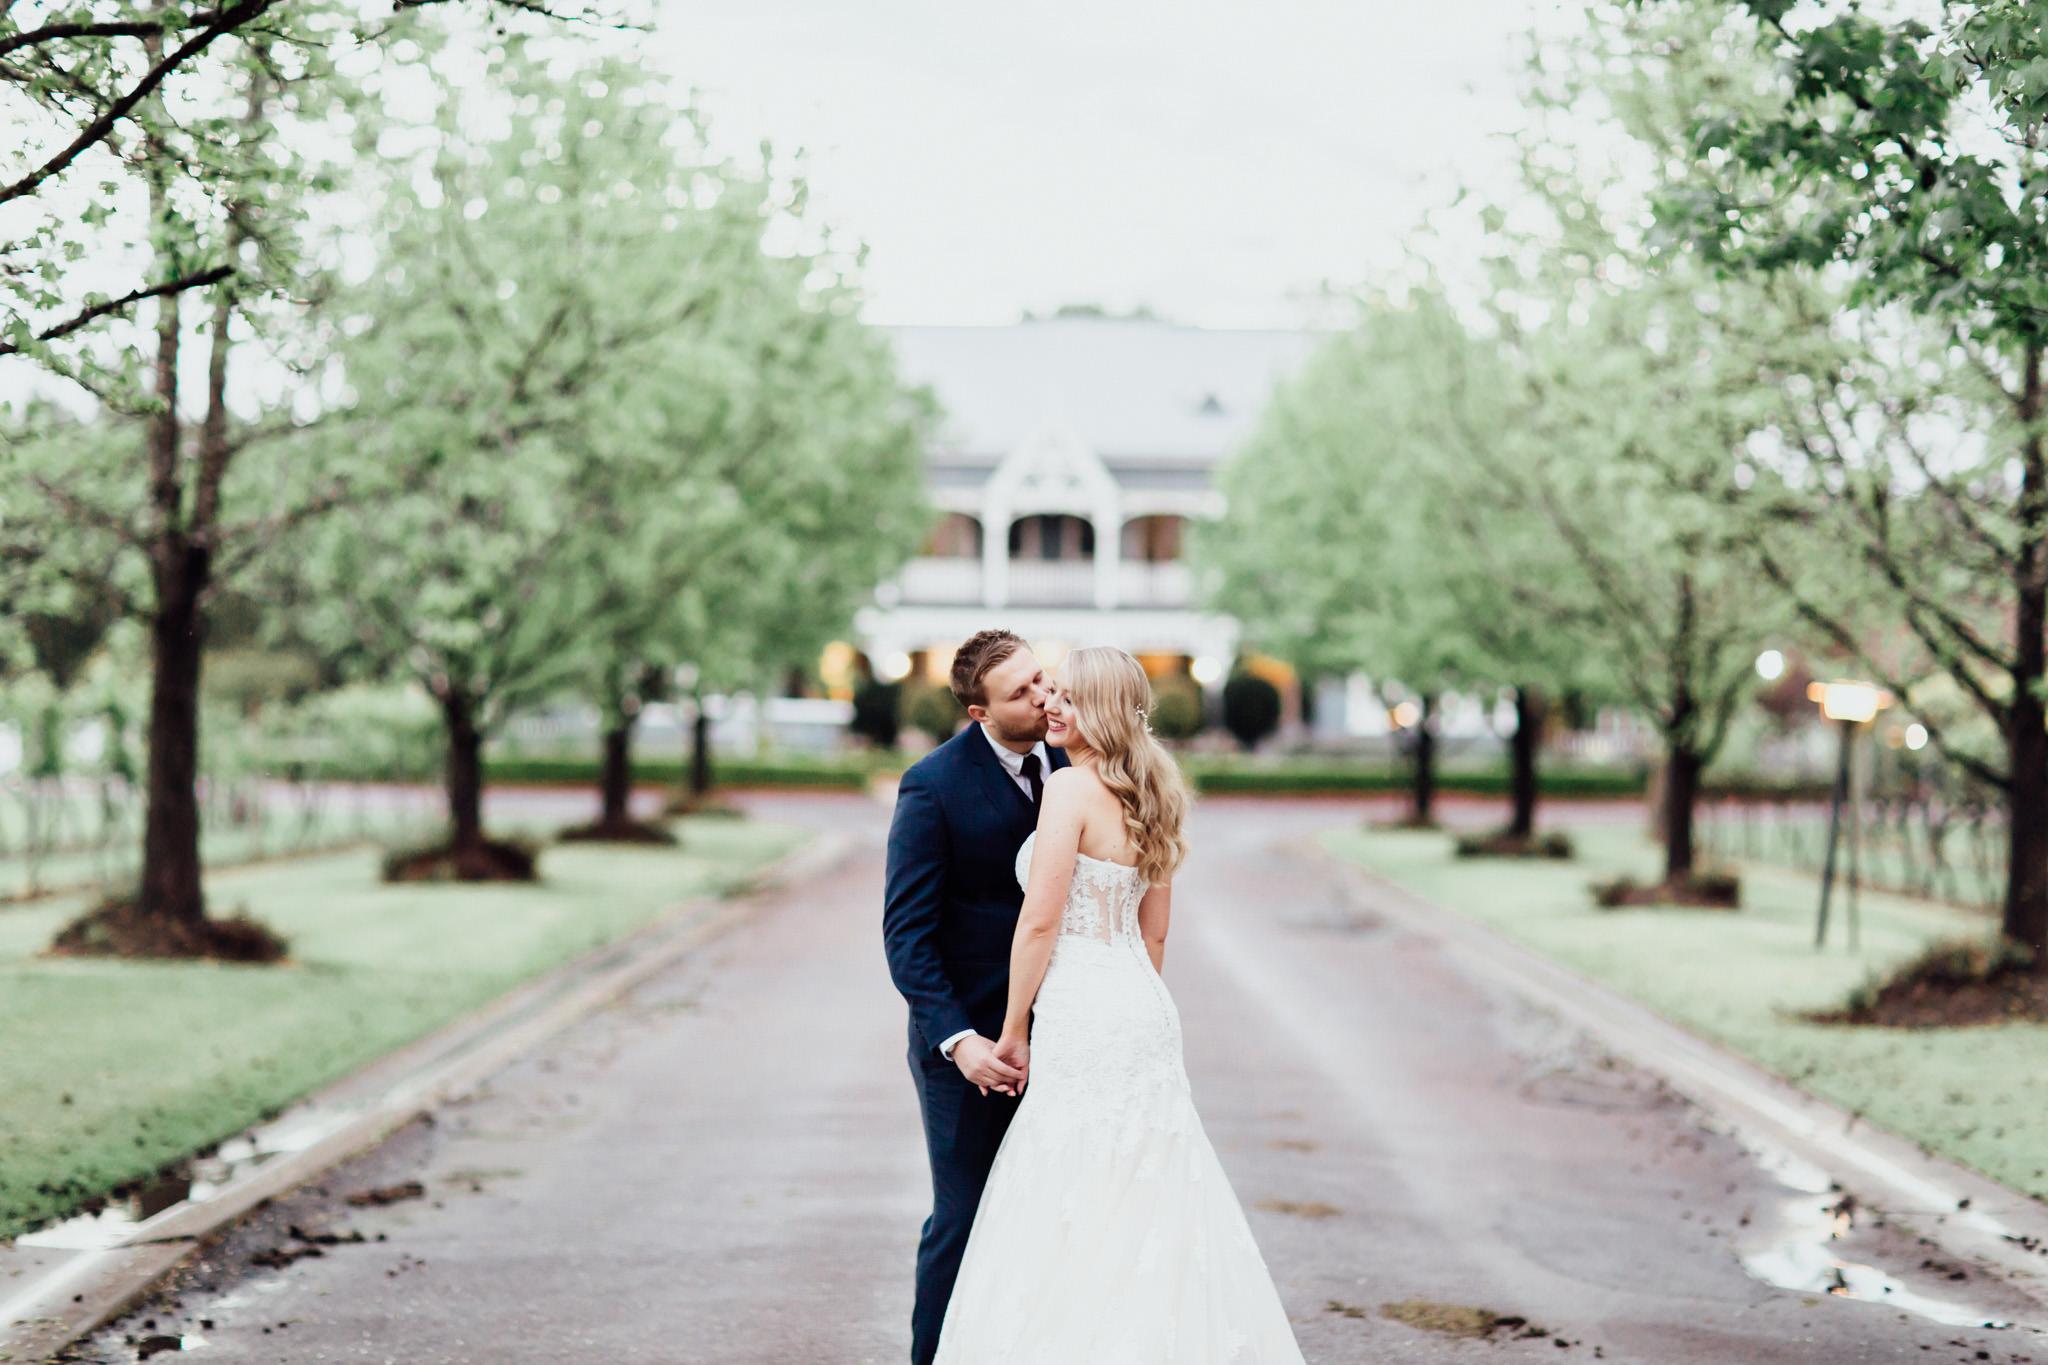 WeddingPhotos_Facebook_2048pixels-1105.jpg